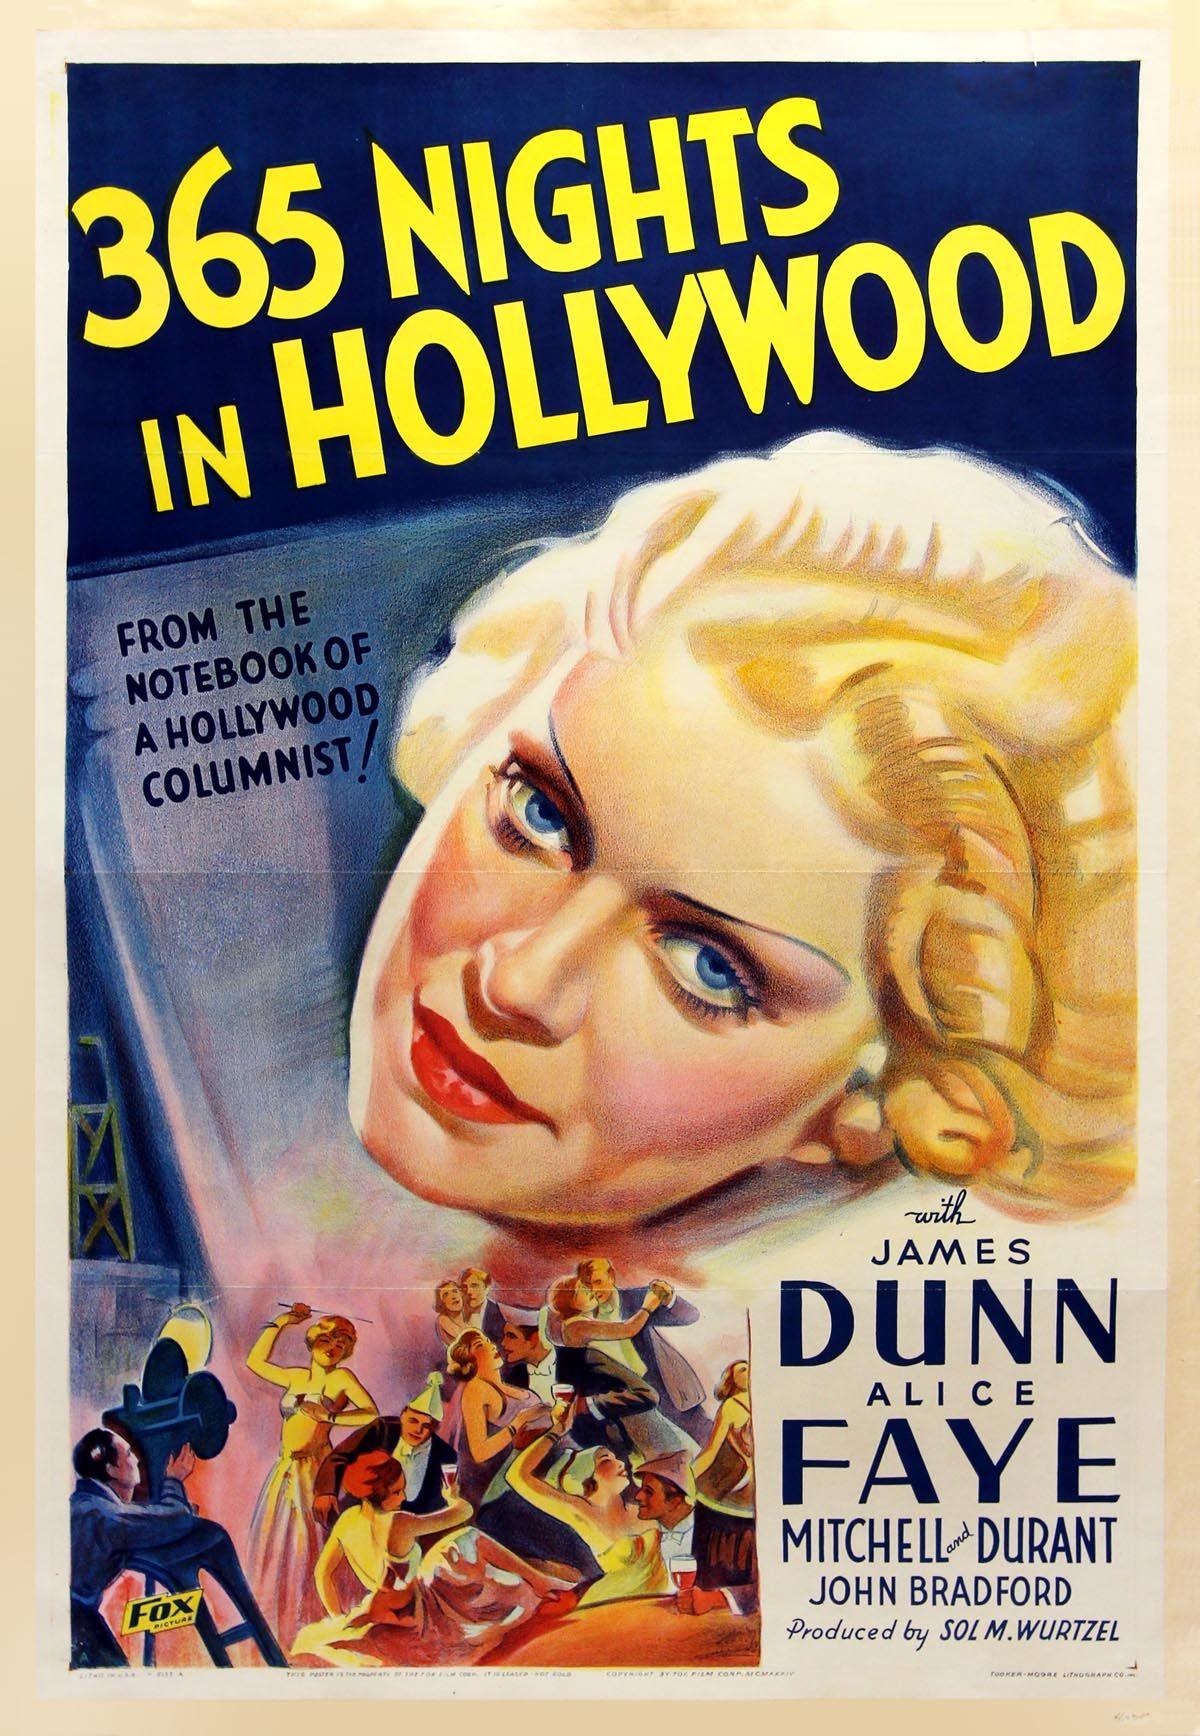 365 nights in hollywood 1934 original vintage movie